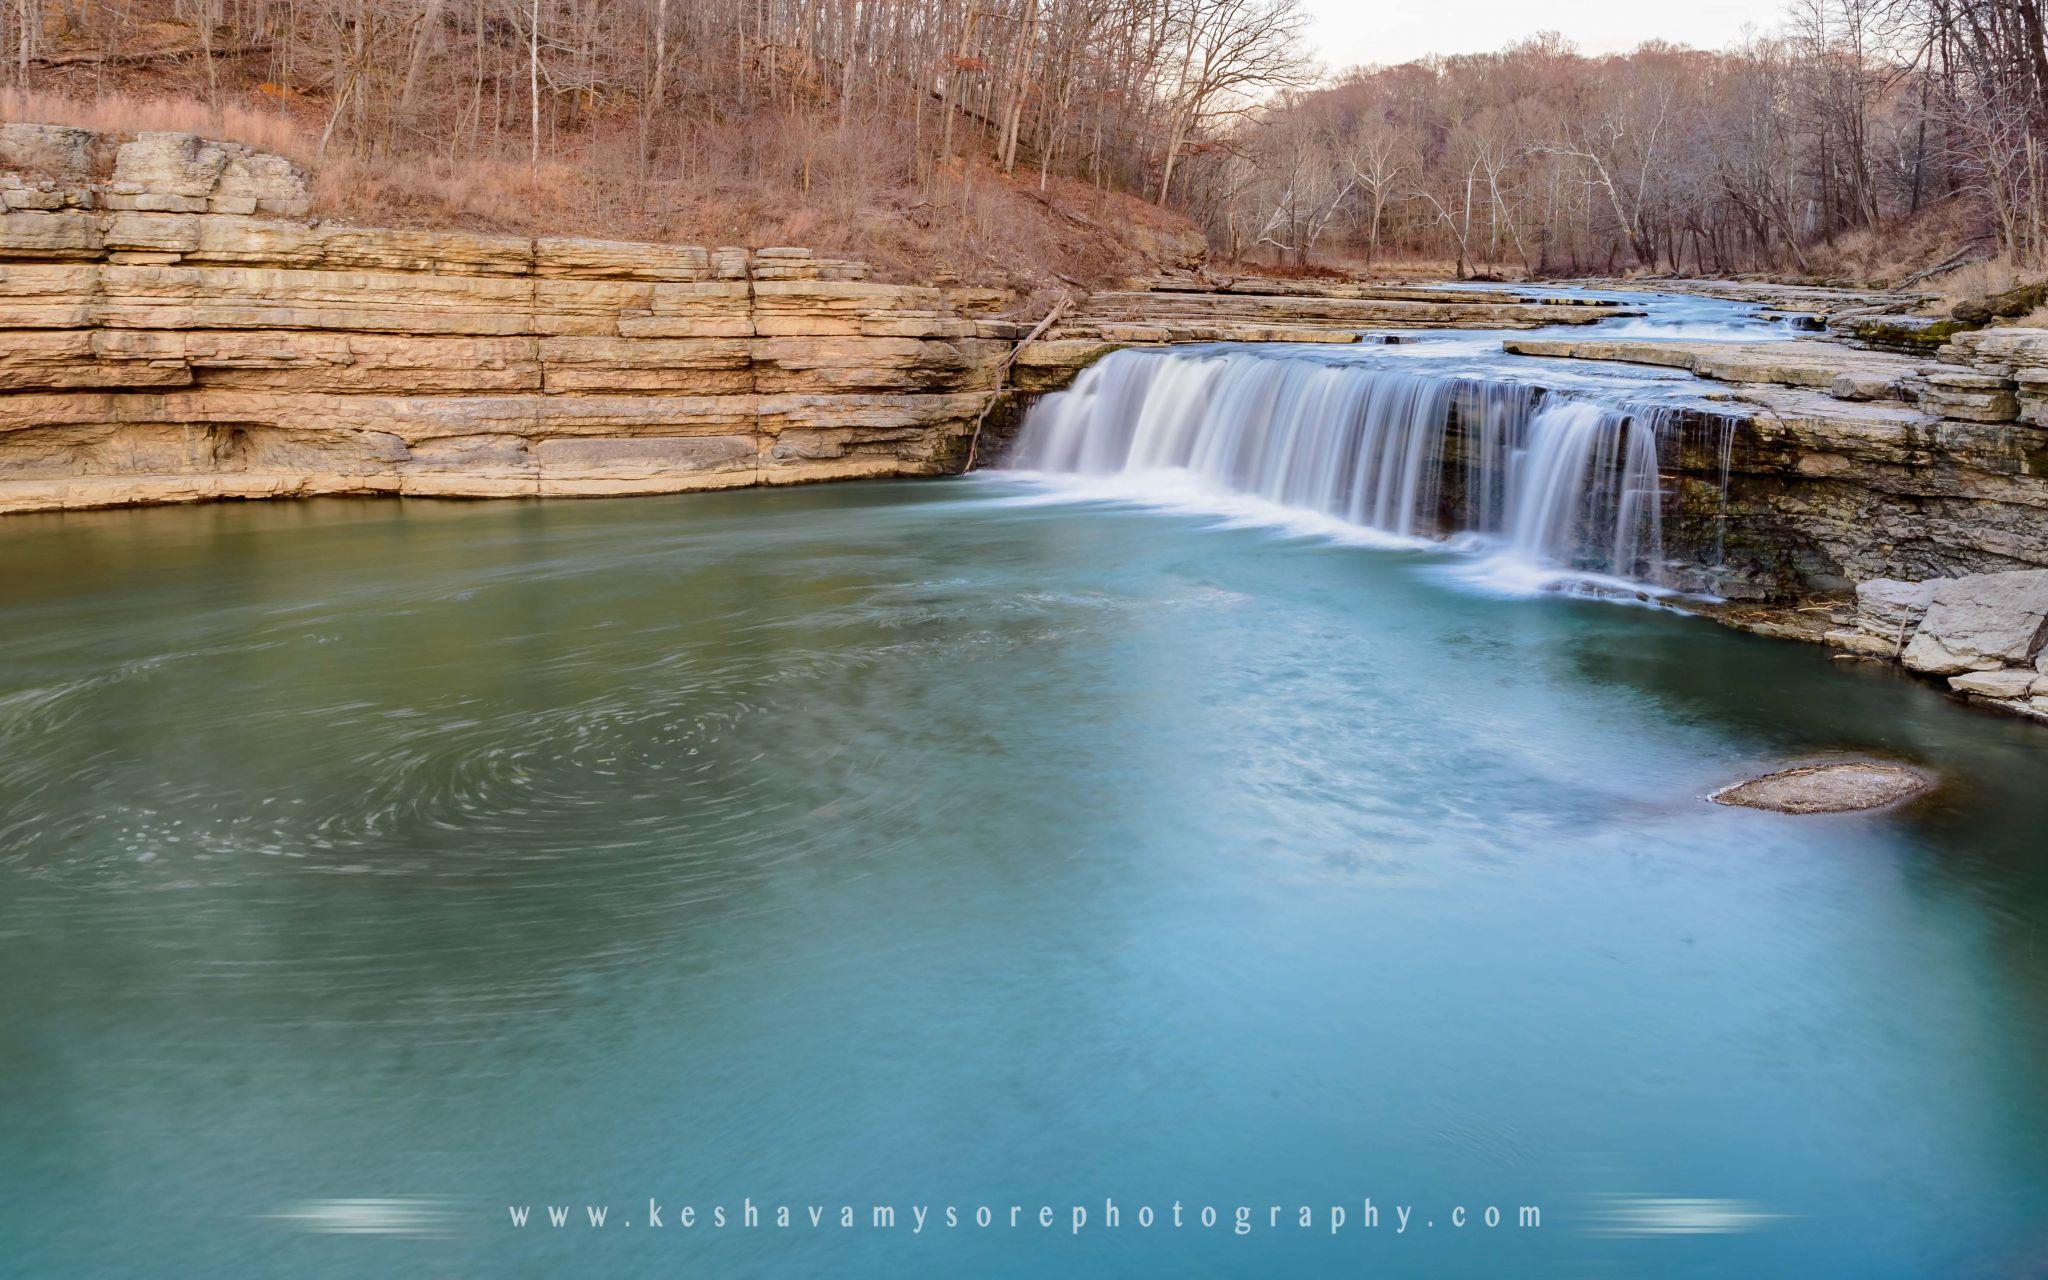 Lower Cataract Falls, USA